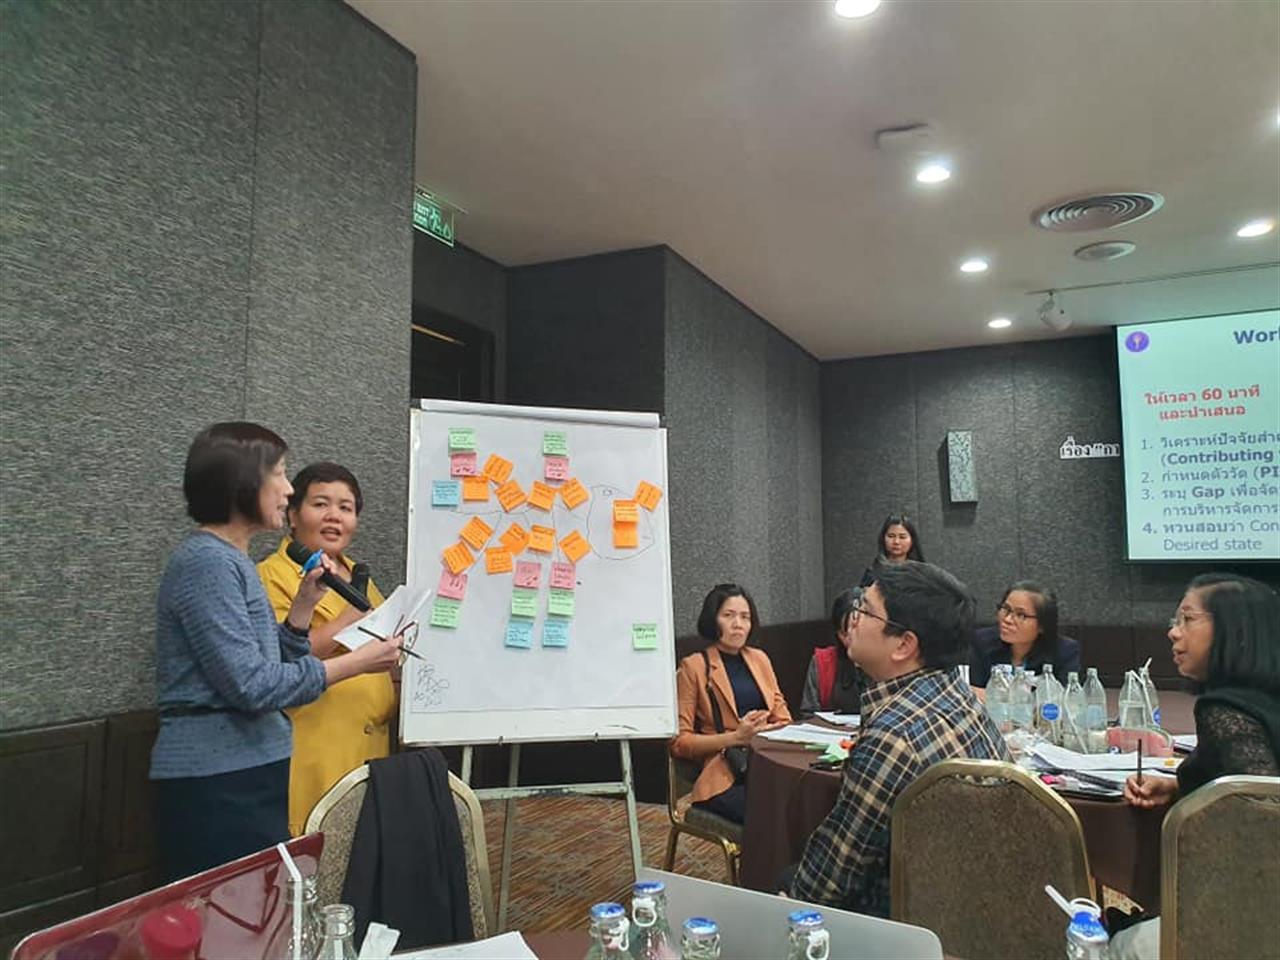 การจัดทำแผนพัฒนาคุณภาพการศึกษาของหน่วยงานที่เข้าร่วมโครงการก้าวหน้าสู่ความเป็นเลิศ (GROW63)